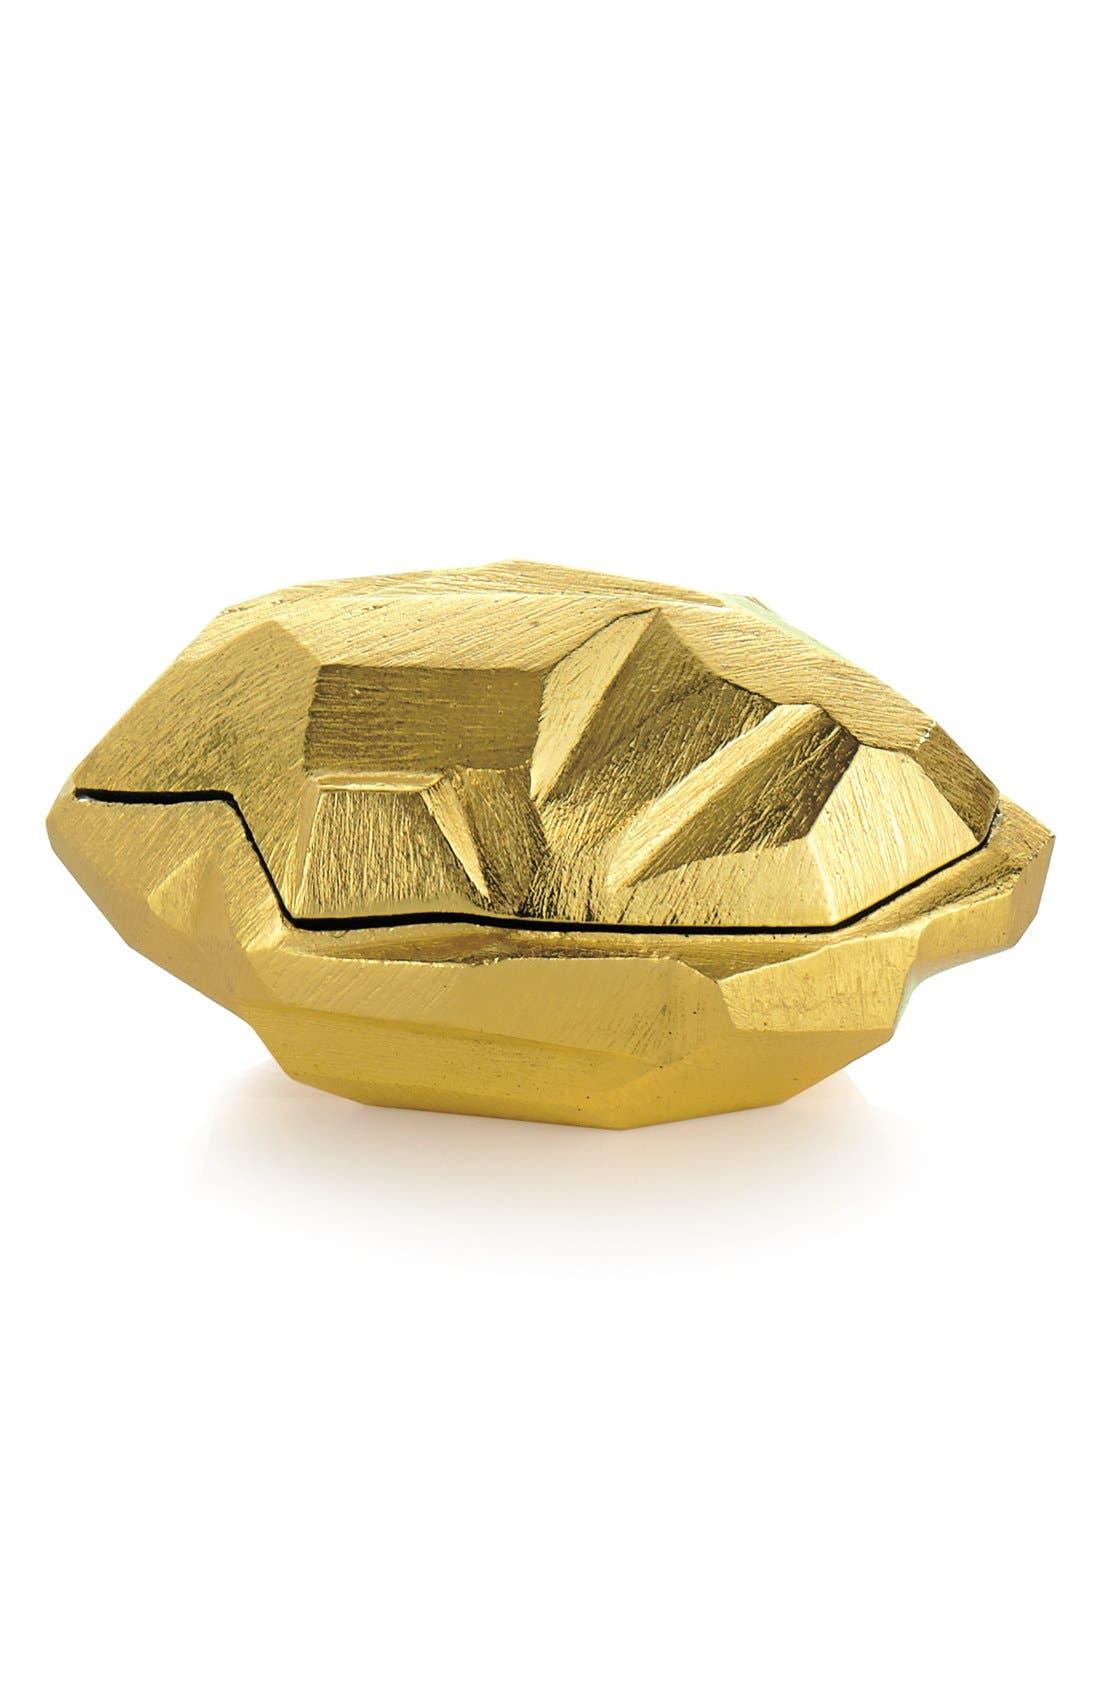 Alternate Image 1 Selected - Michael Aram 'Rock' Box